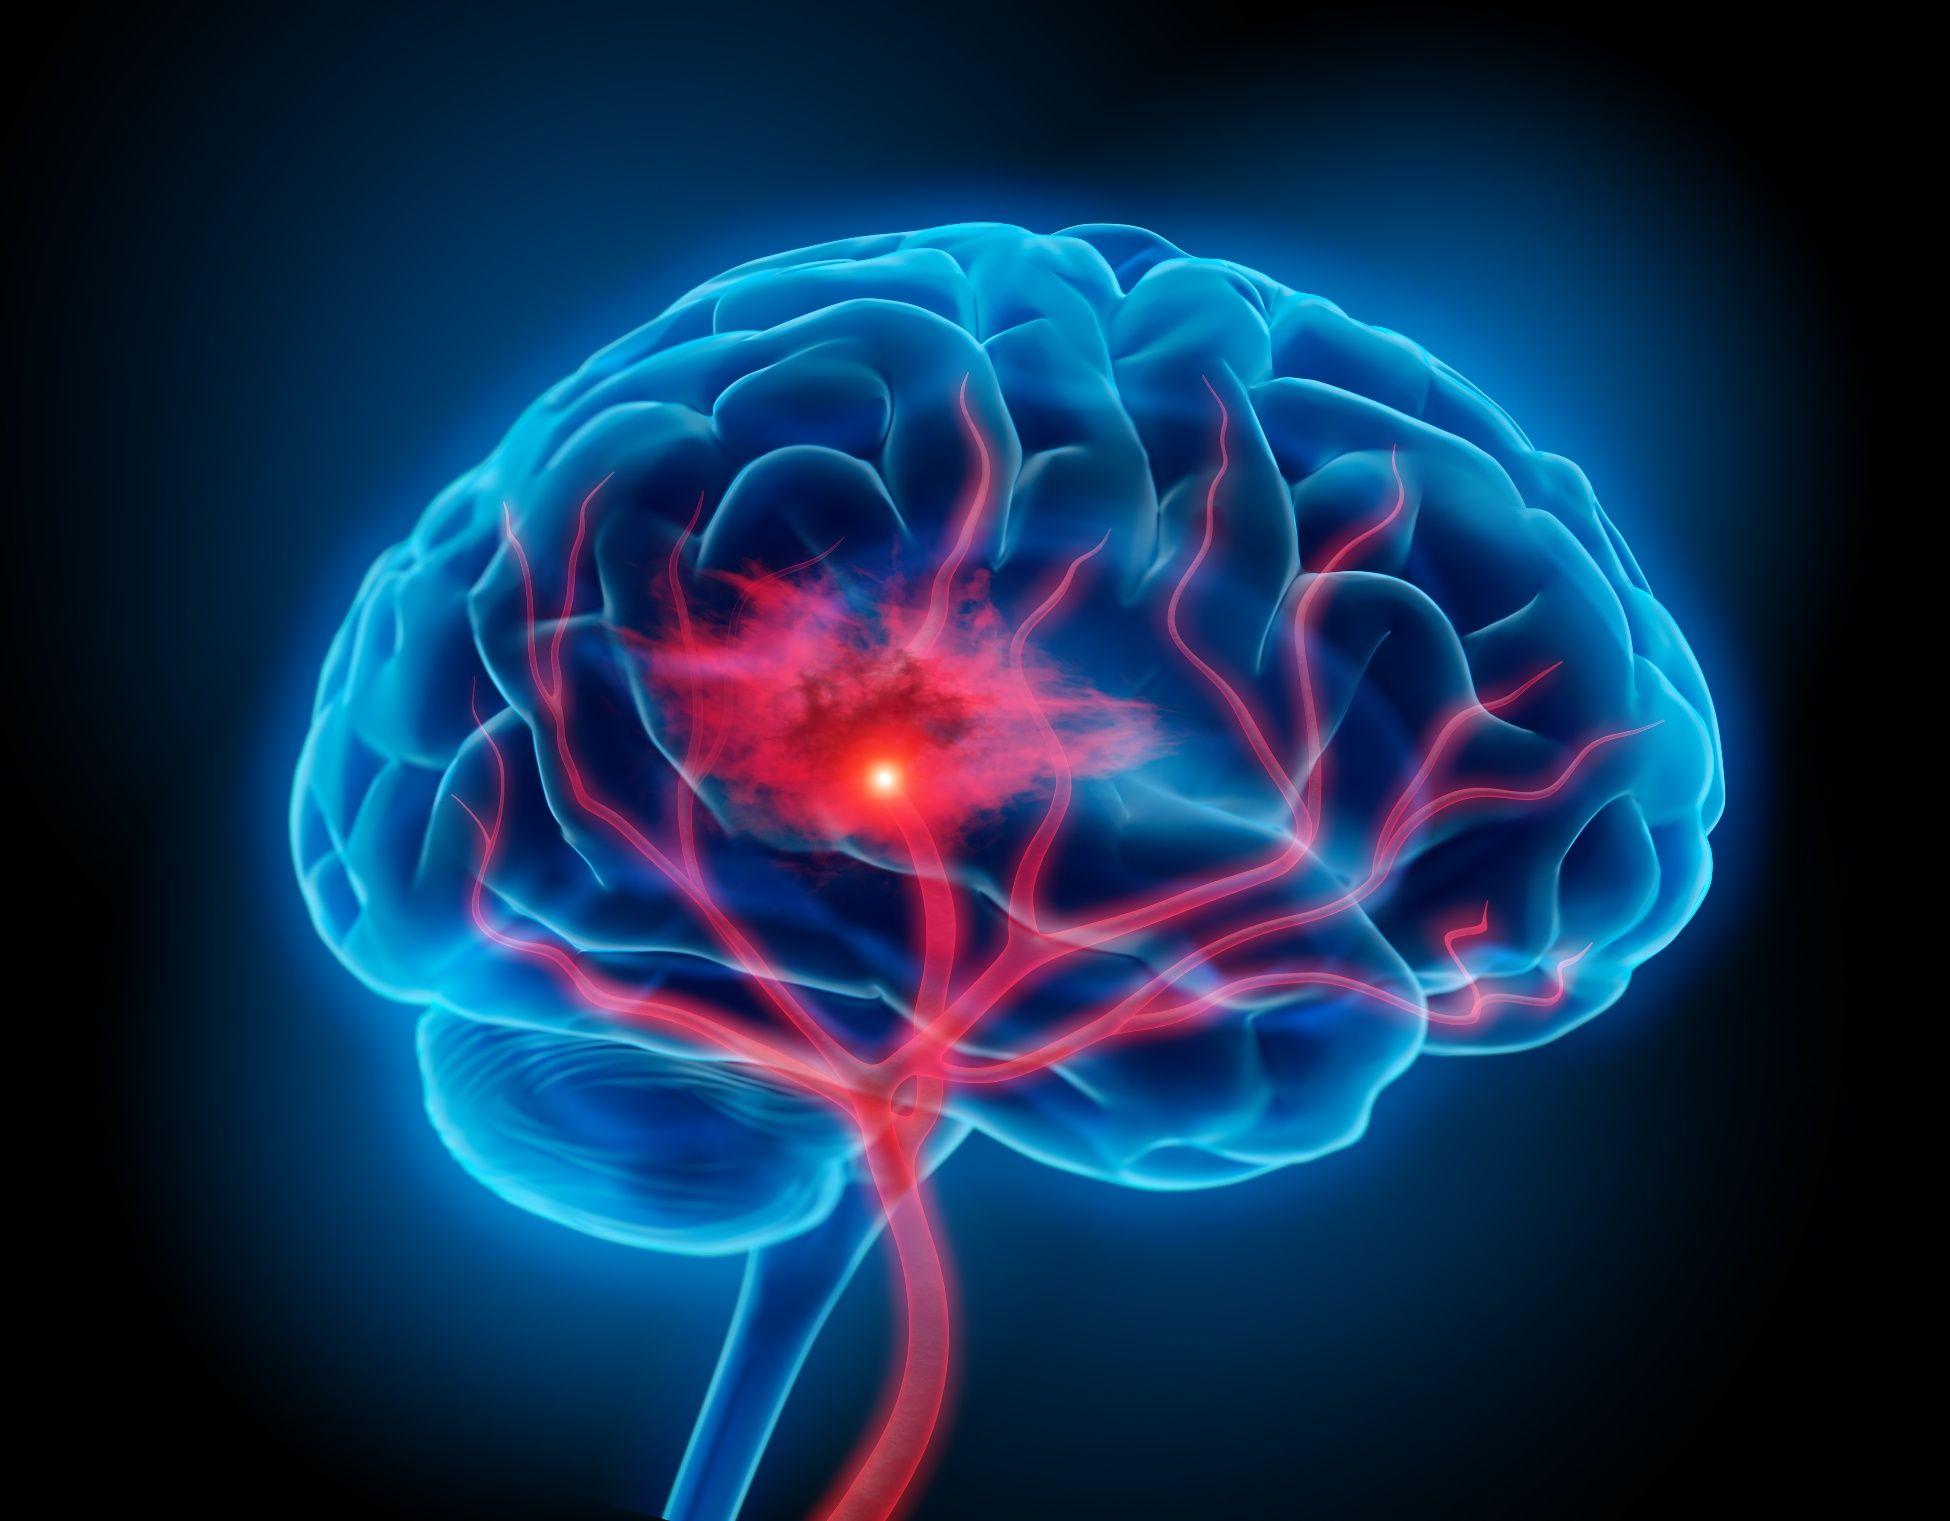 Su cerebro está inflamado? ¡Estimule el nervio vago y reduzca el ...